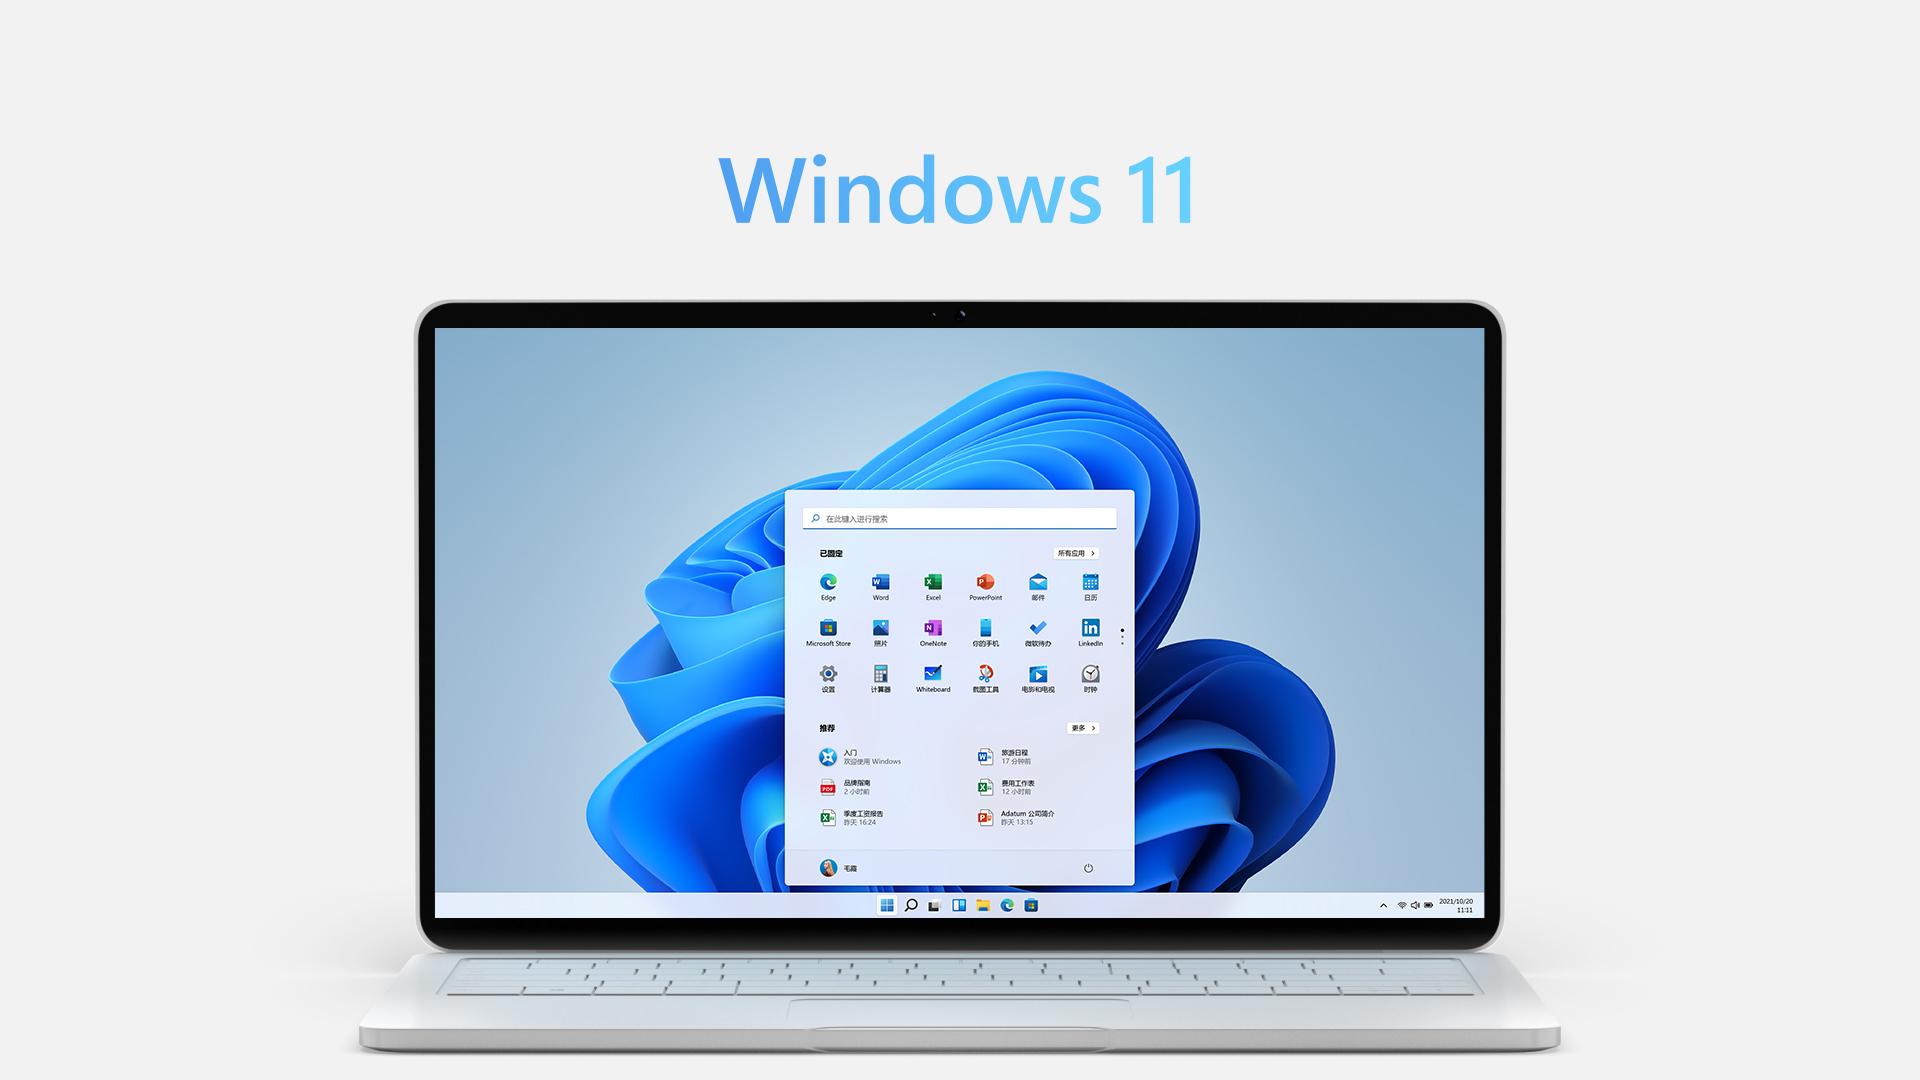 【如何全新安装最新微软Winodws 11工作站专业版】-立青